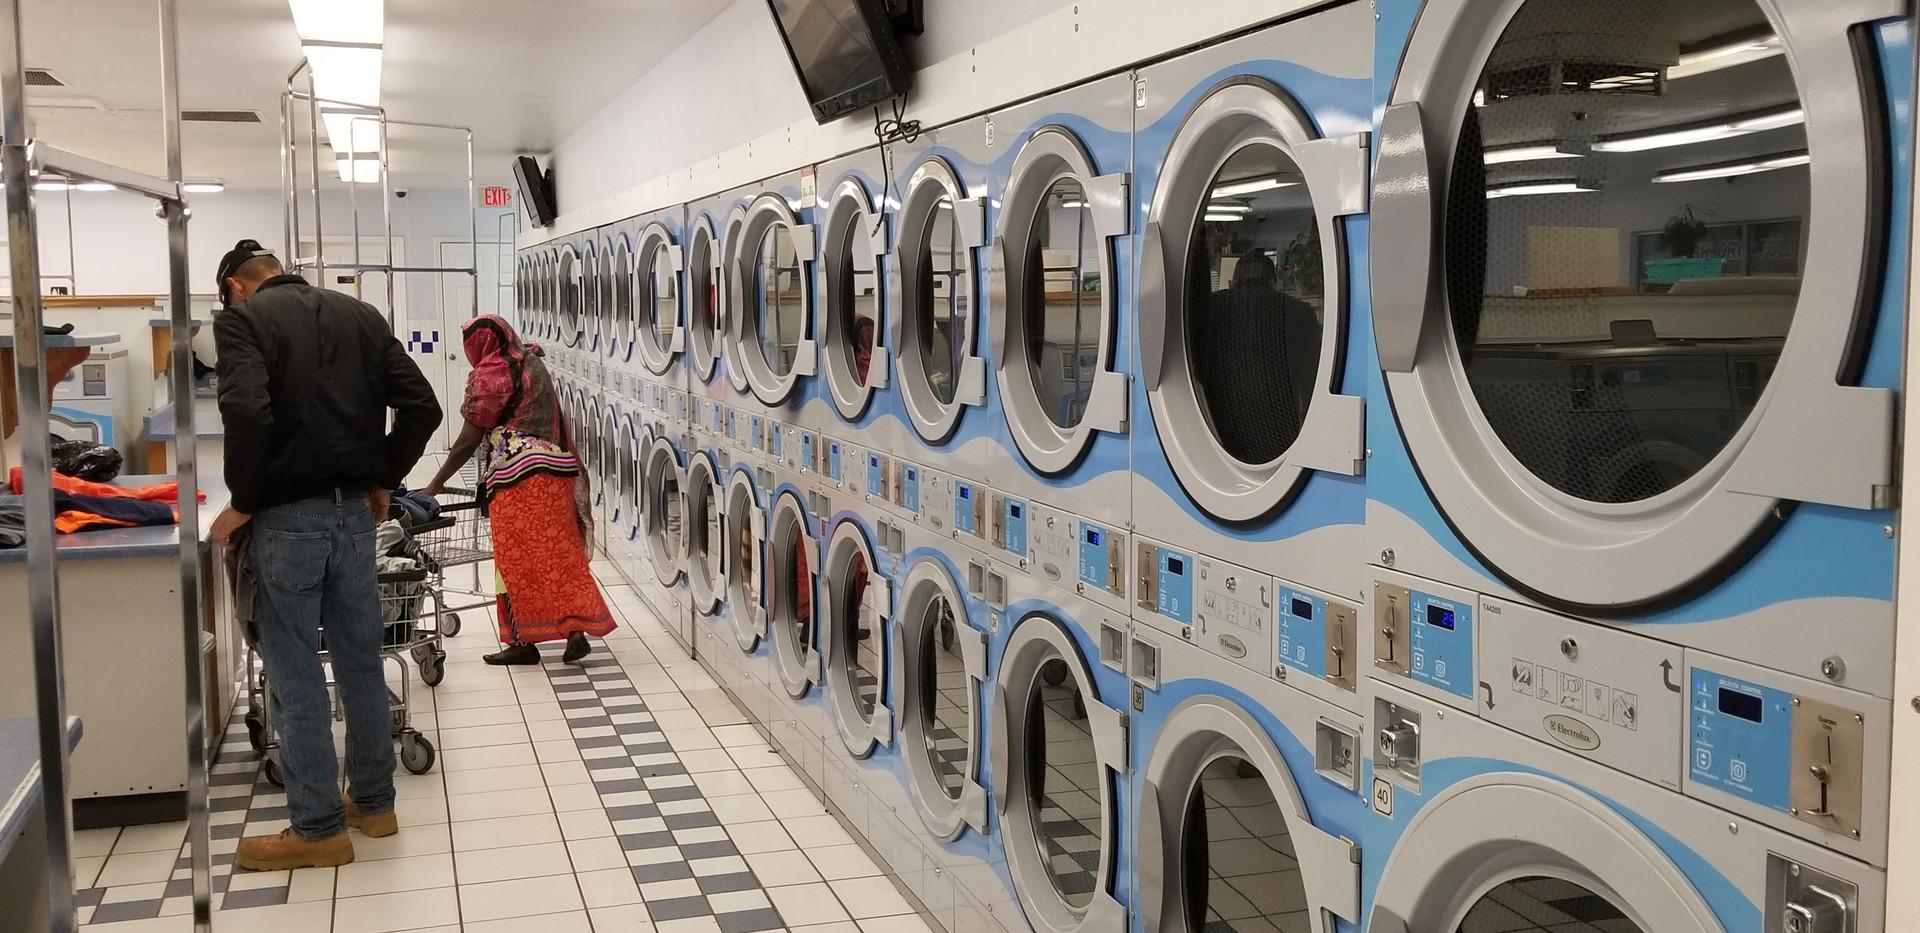 Wash'em Up #4 Dryers